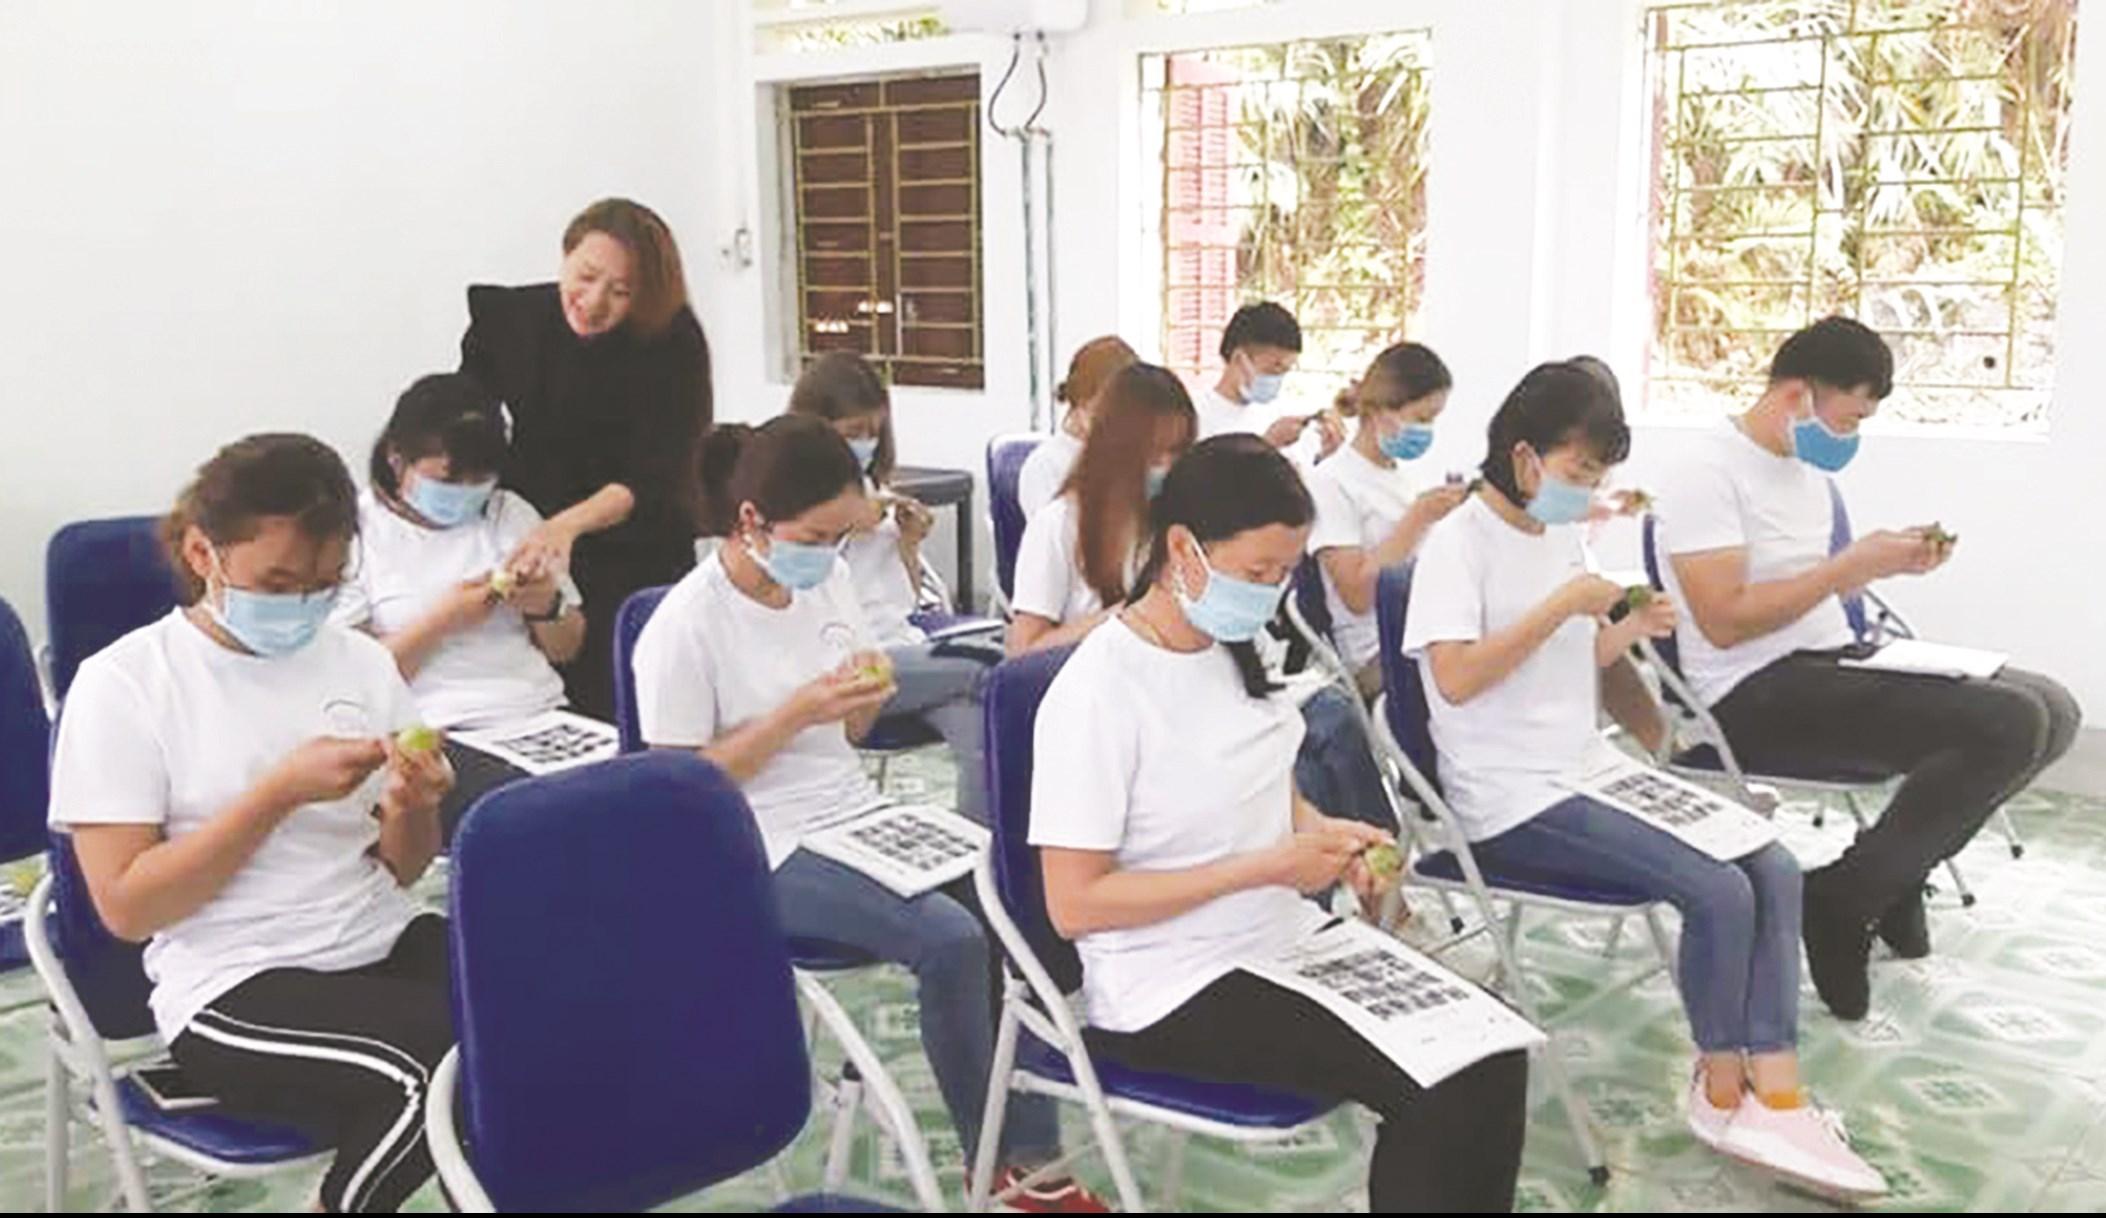 Sau khi thông báo trên mạng xã hội, nhiều học viên ở huyện Bắc Quang tham gia lớp làm tóc (Ảnh chụp ngày 18/3/2020)